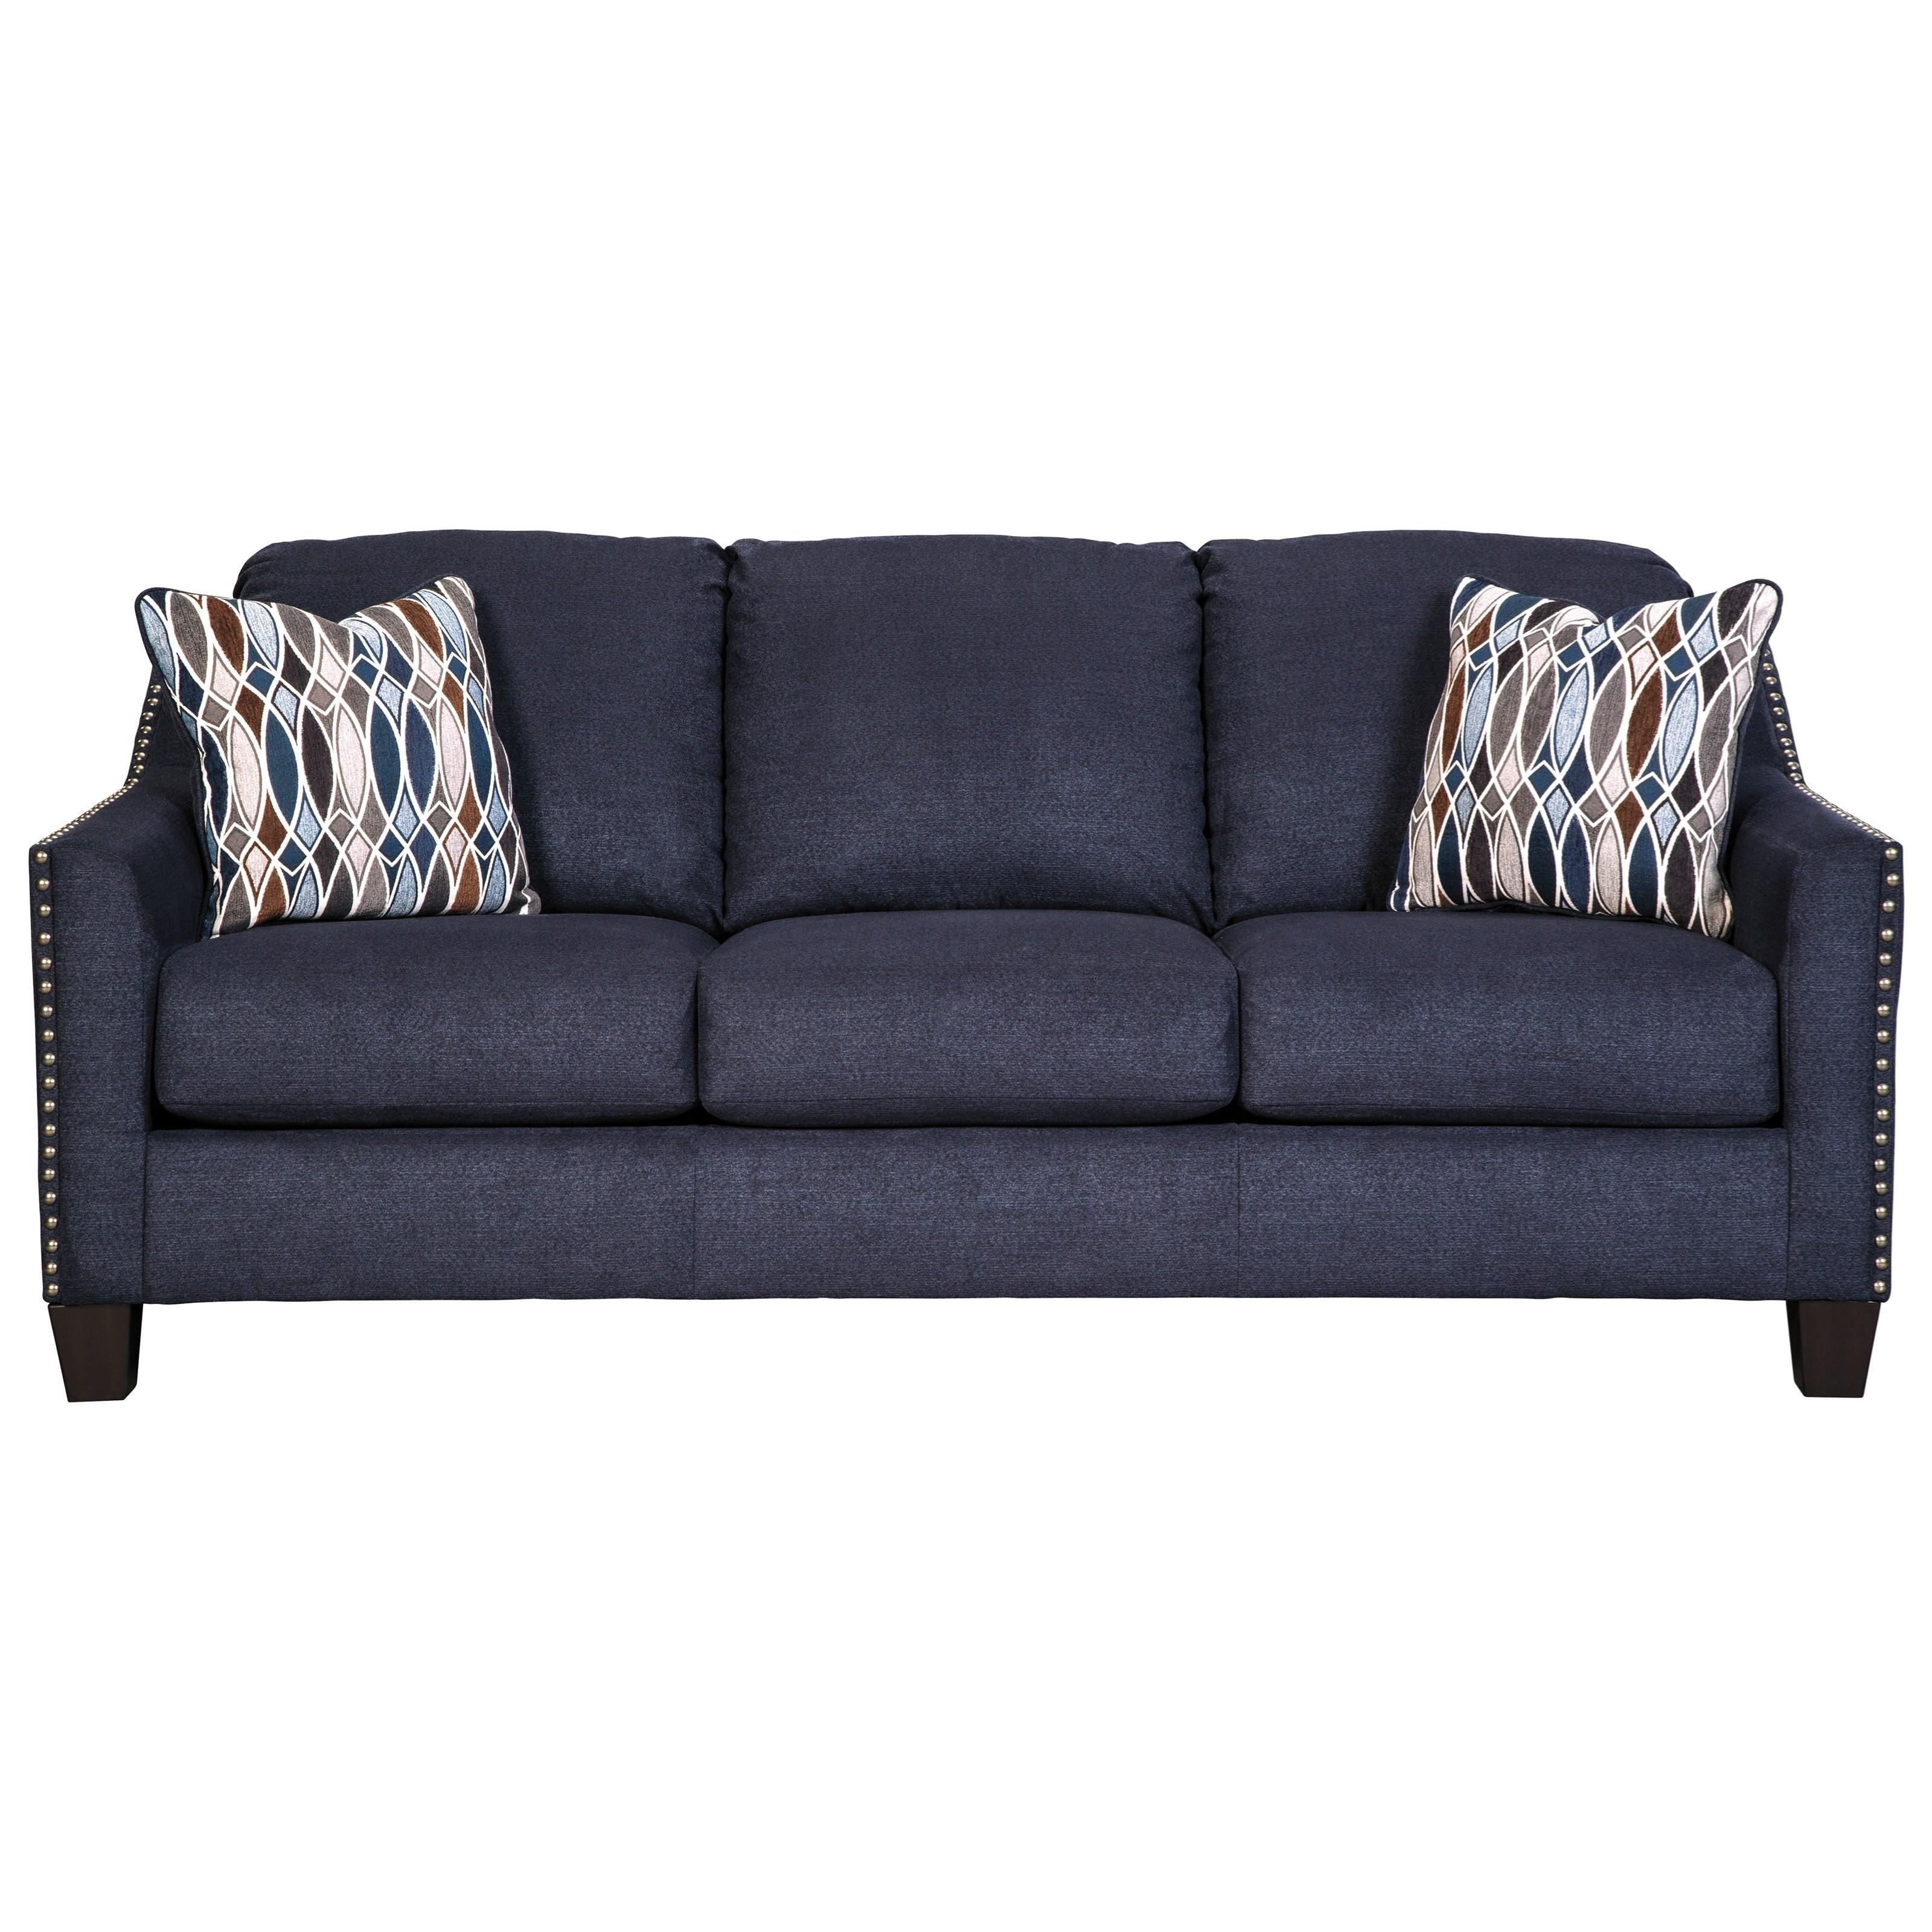 foam sofa design box jader almeida benchcraft creeal heights 8020239 memory sleeper